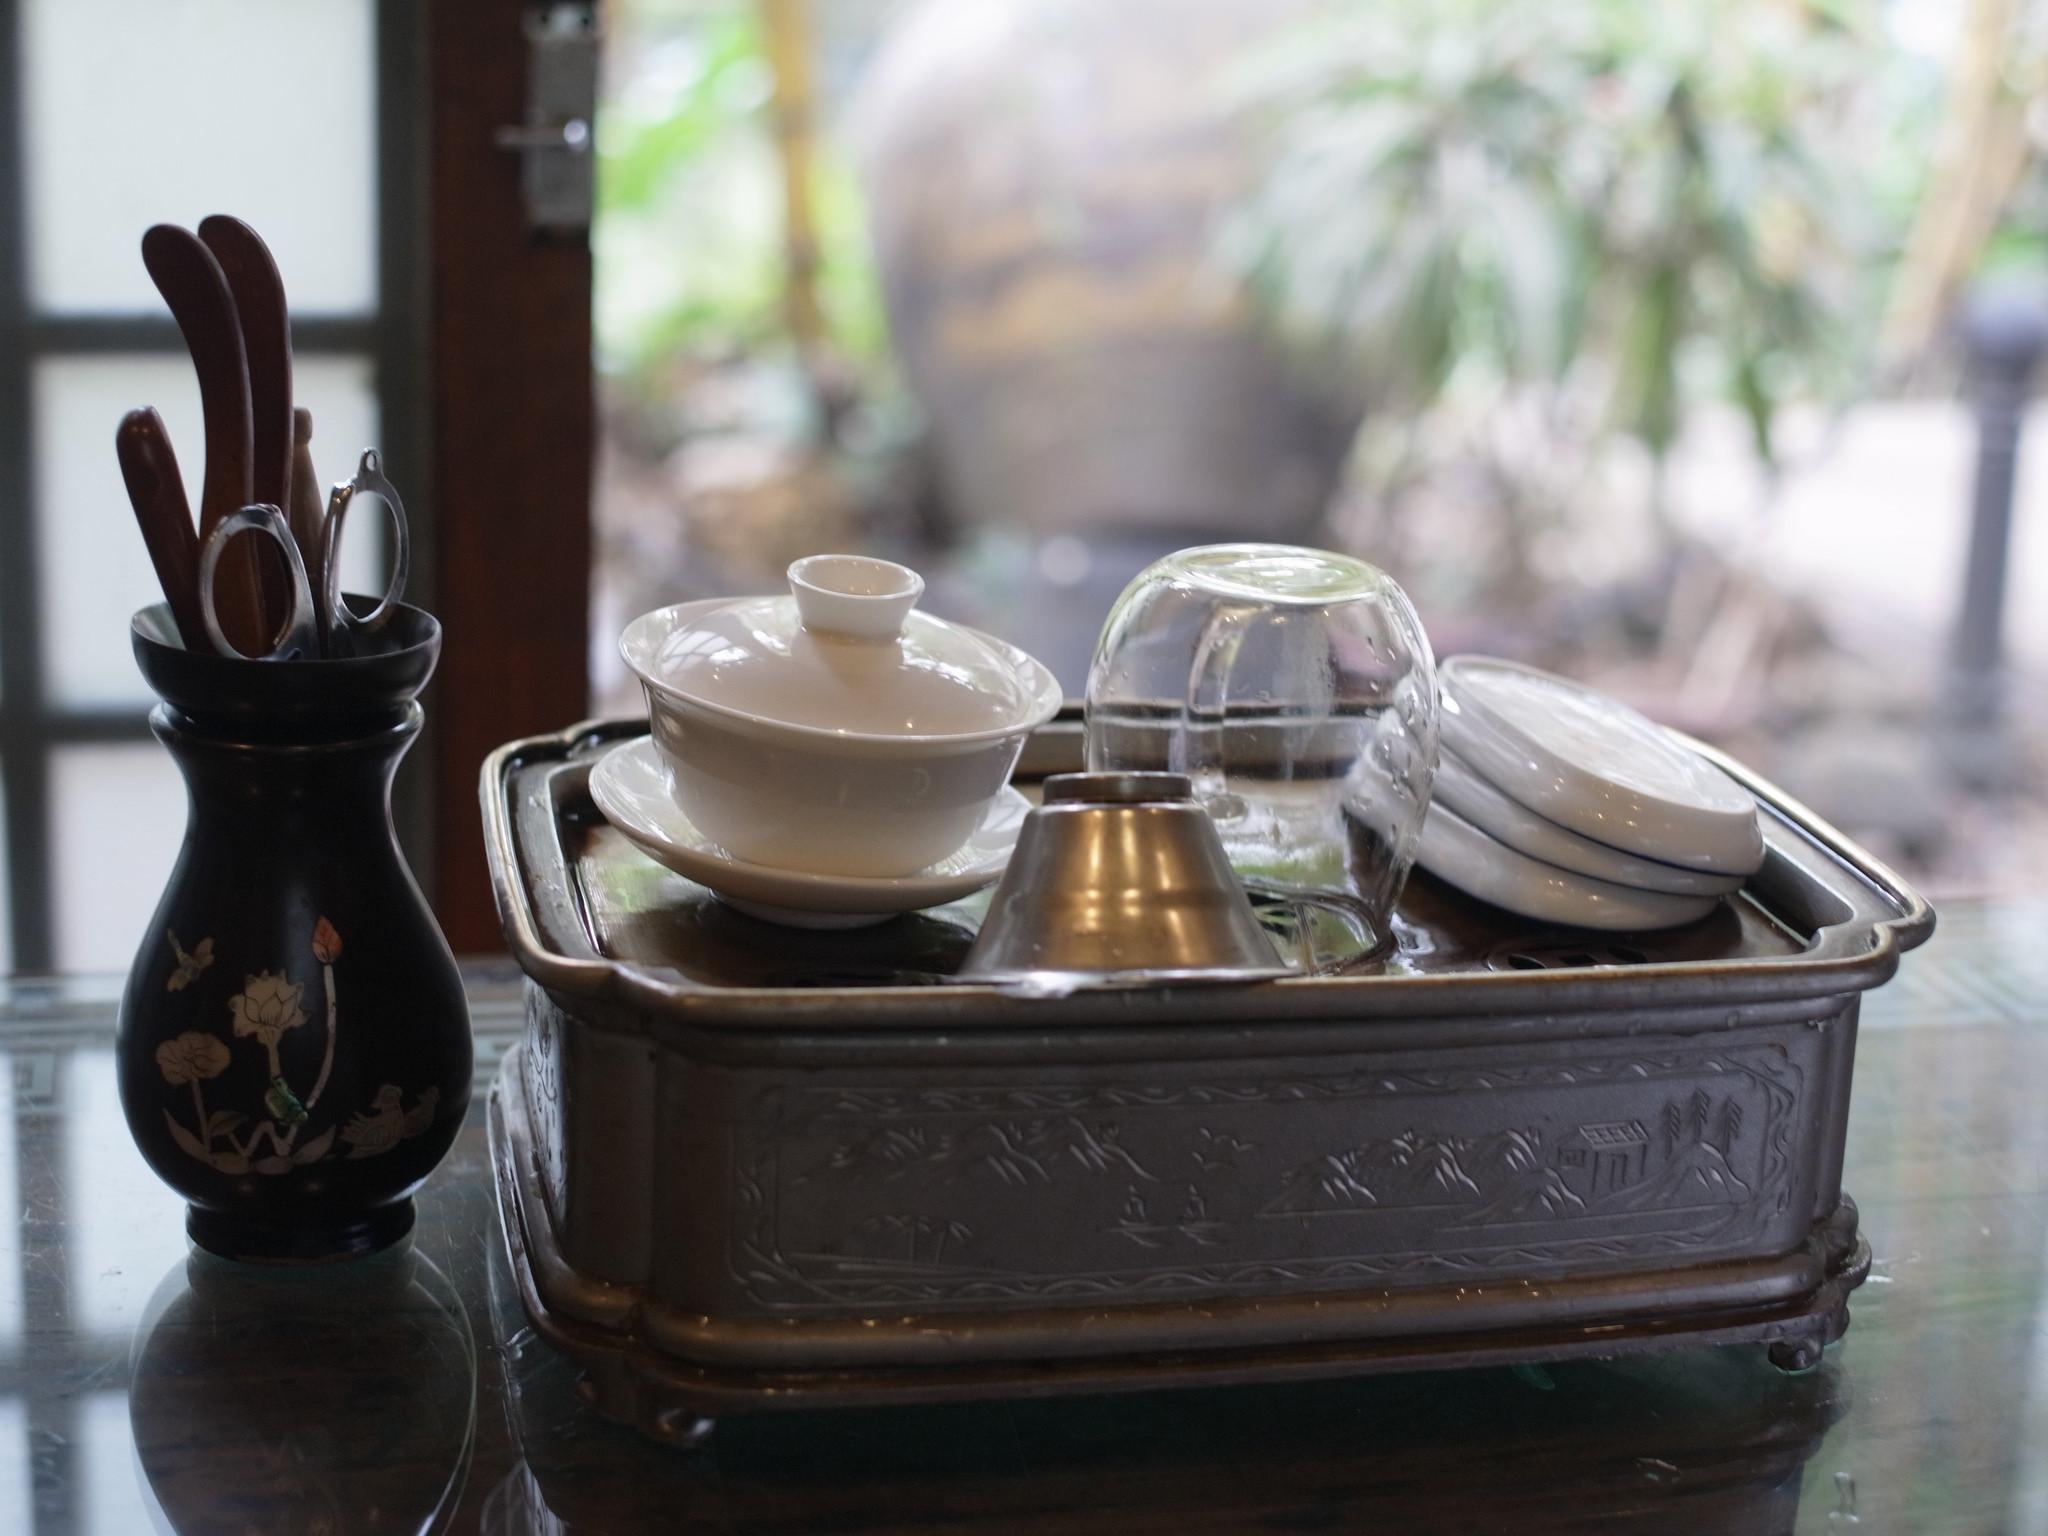 Сад орхидей в Гуанчжоу, в чайном домике